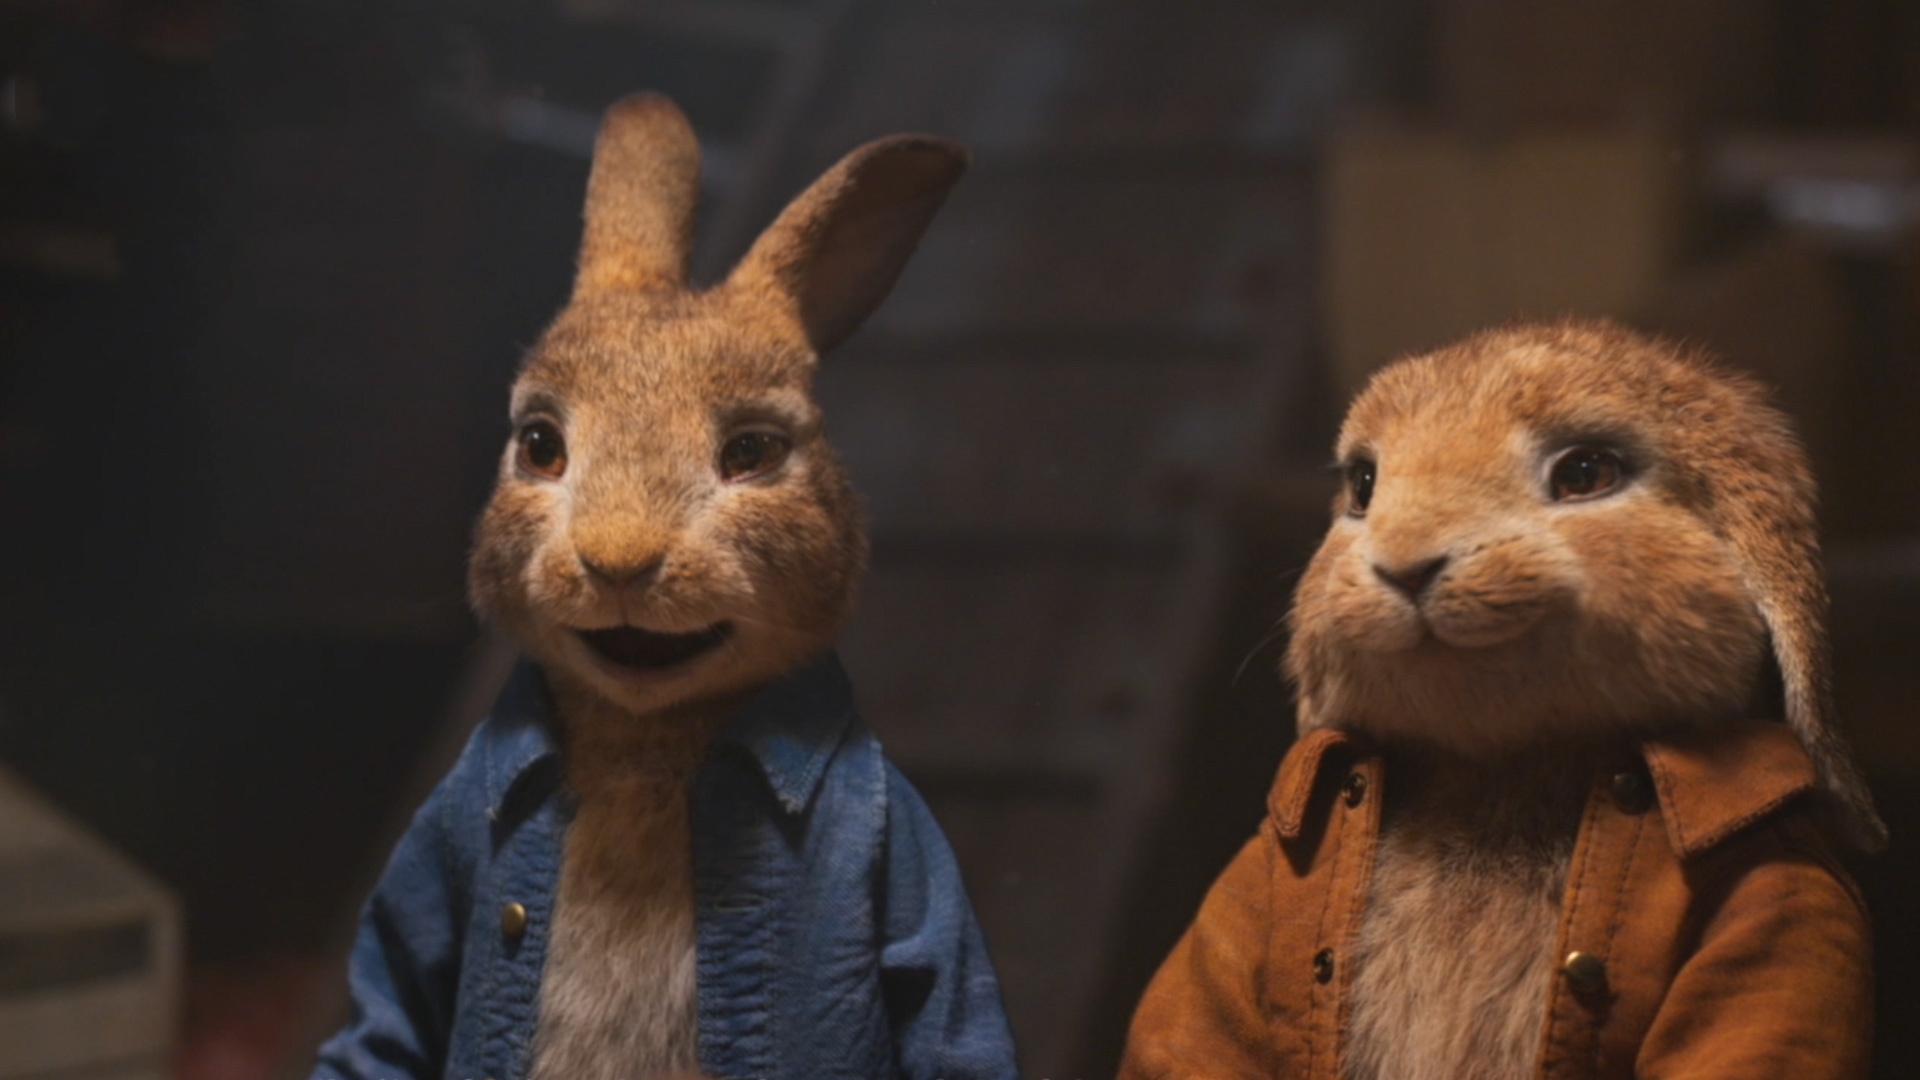 千万别被《比得兔2》给骗了,澳大利亚对待兔子可没那么好